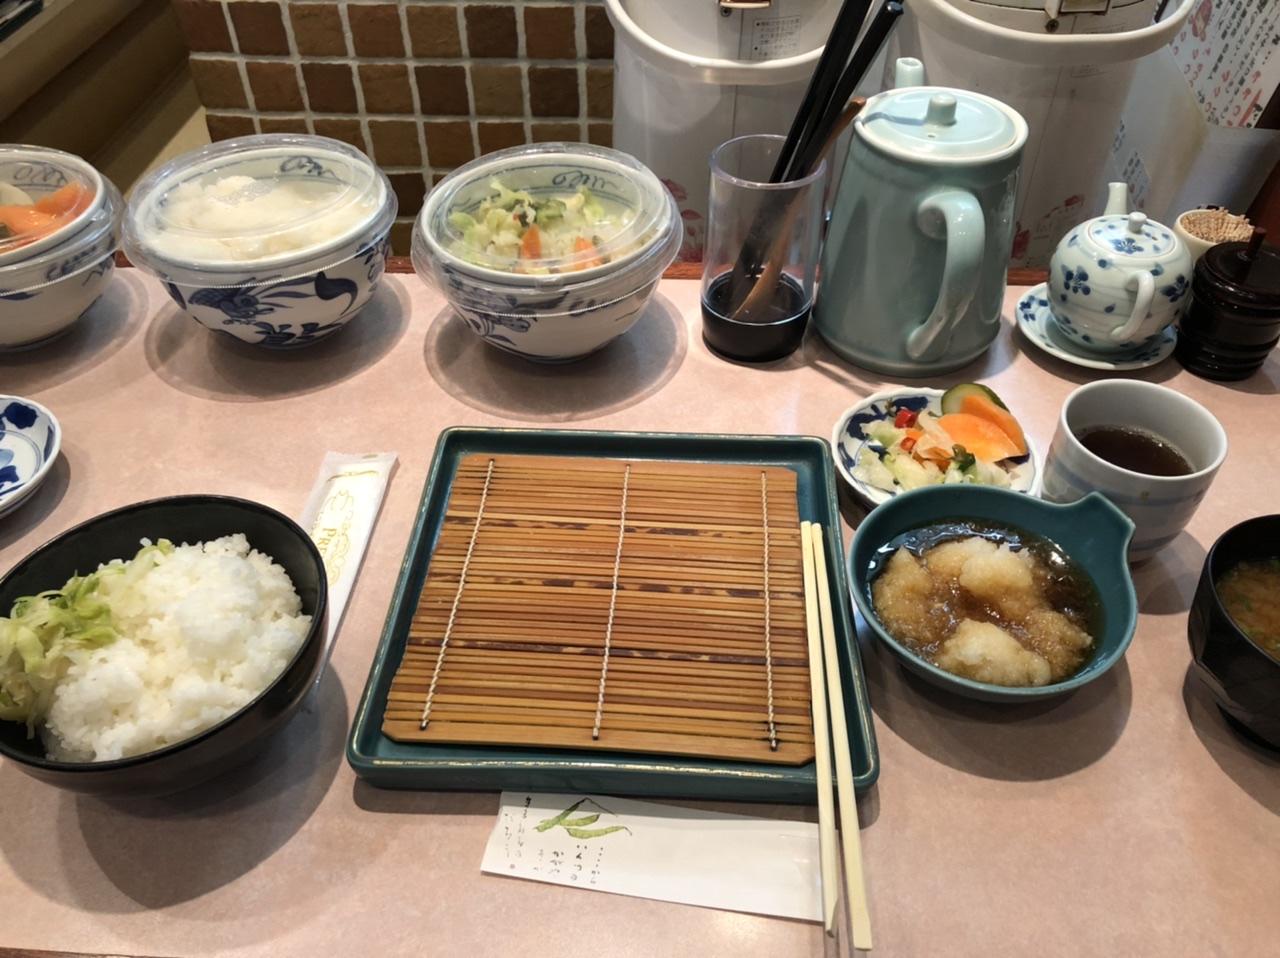 天ぷらレストラン楽々亭 -鹿児島市- 照国神社徒歩1分 イメージ画像